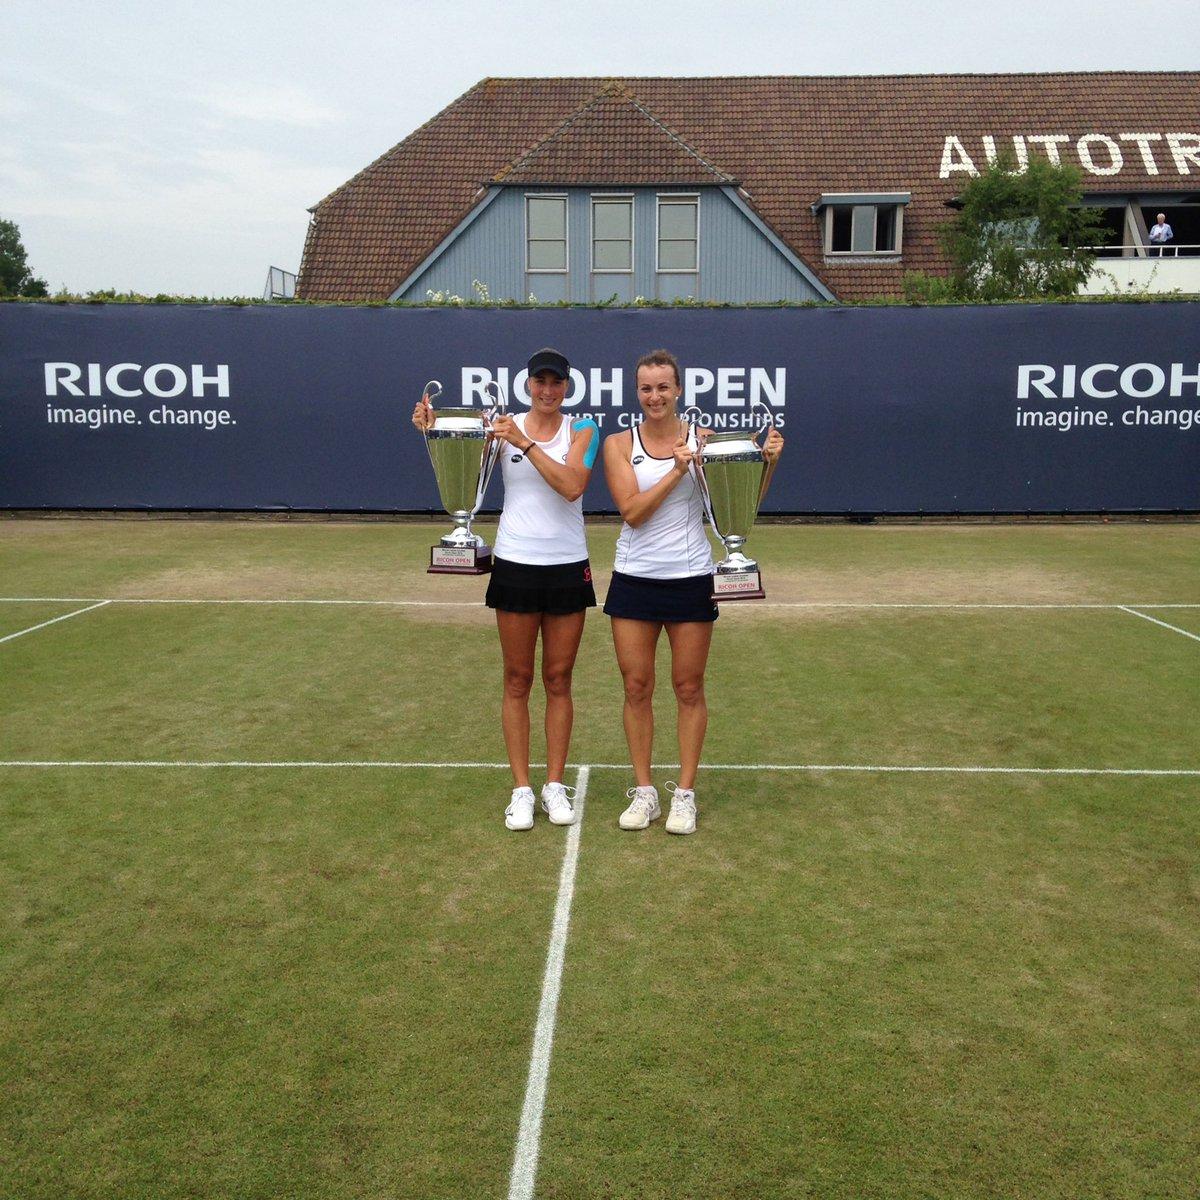 Kalashnikova & @SlavaSays win the doubles! Congratulations!